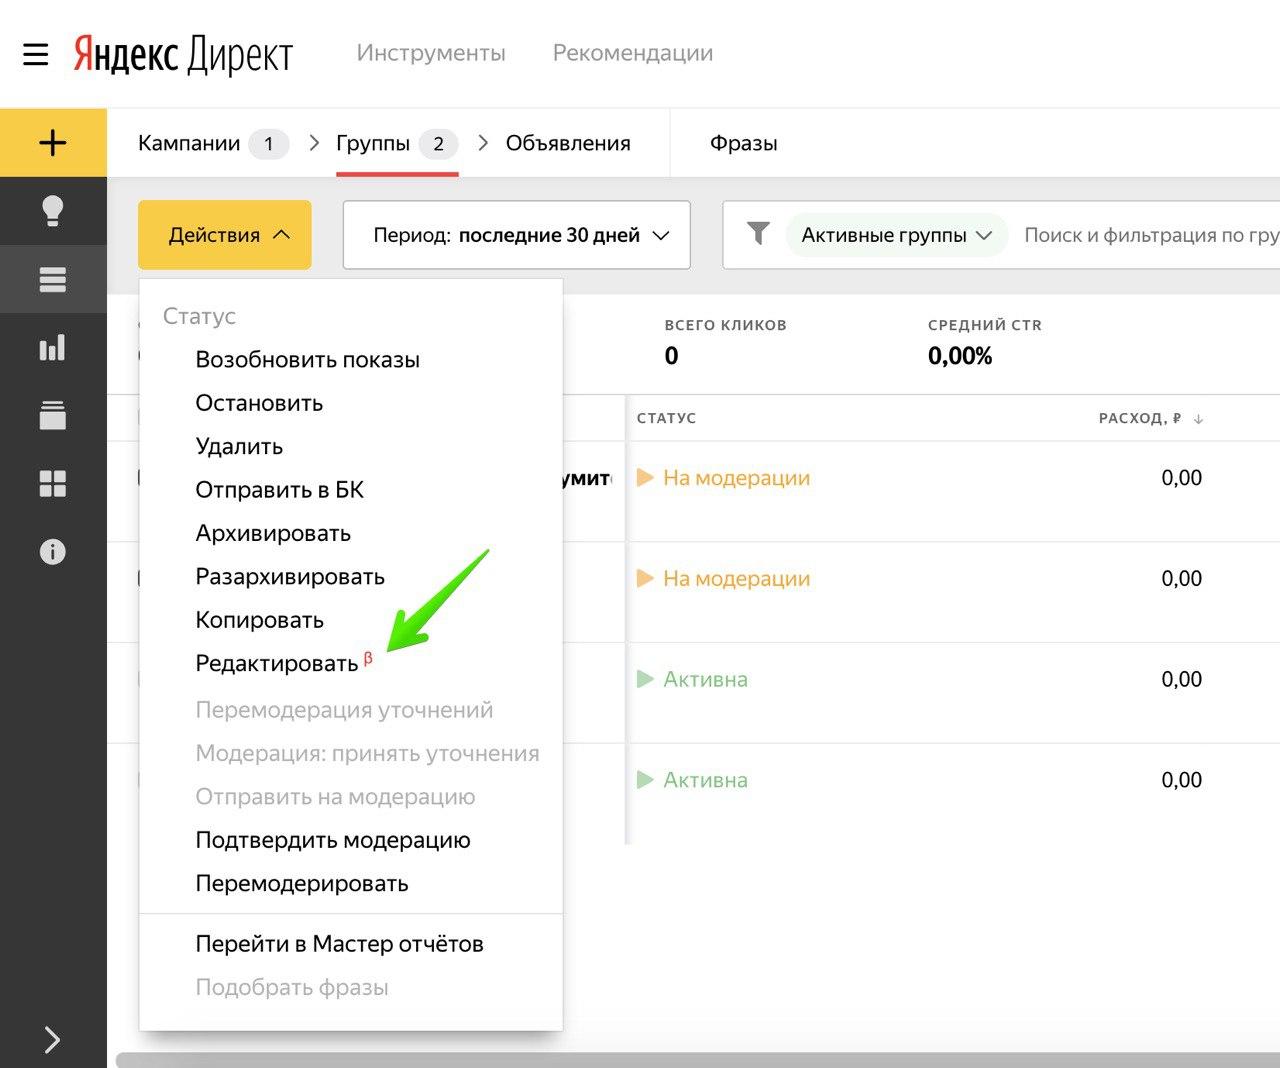 Яндекс, Директ